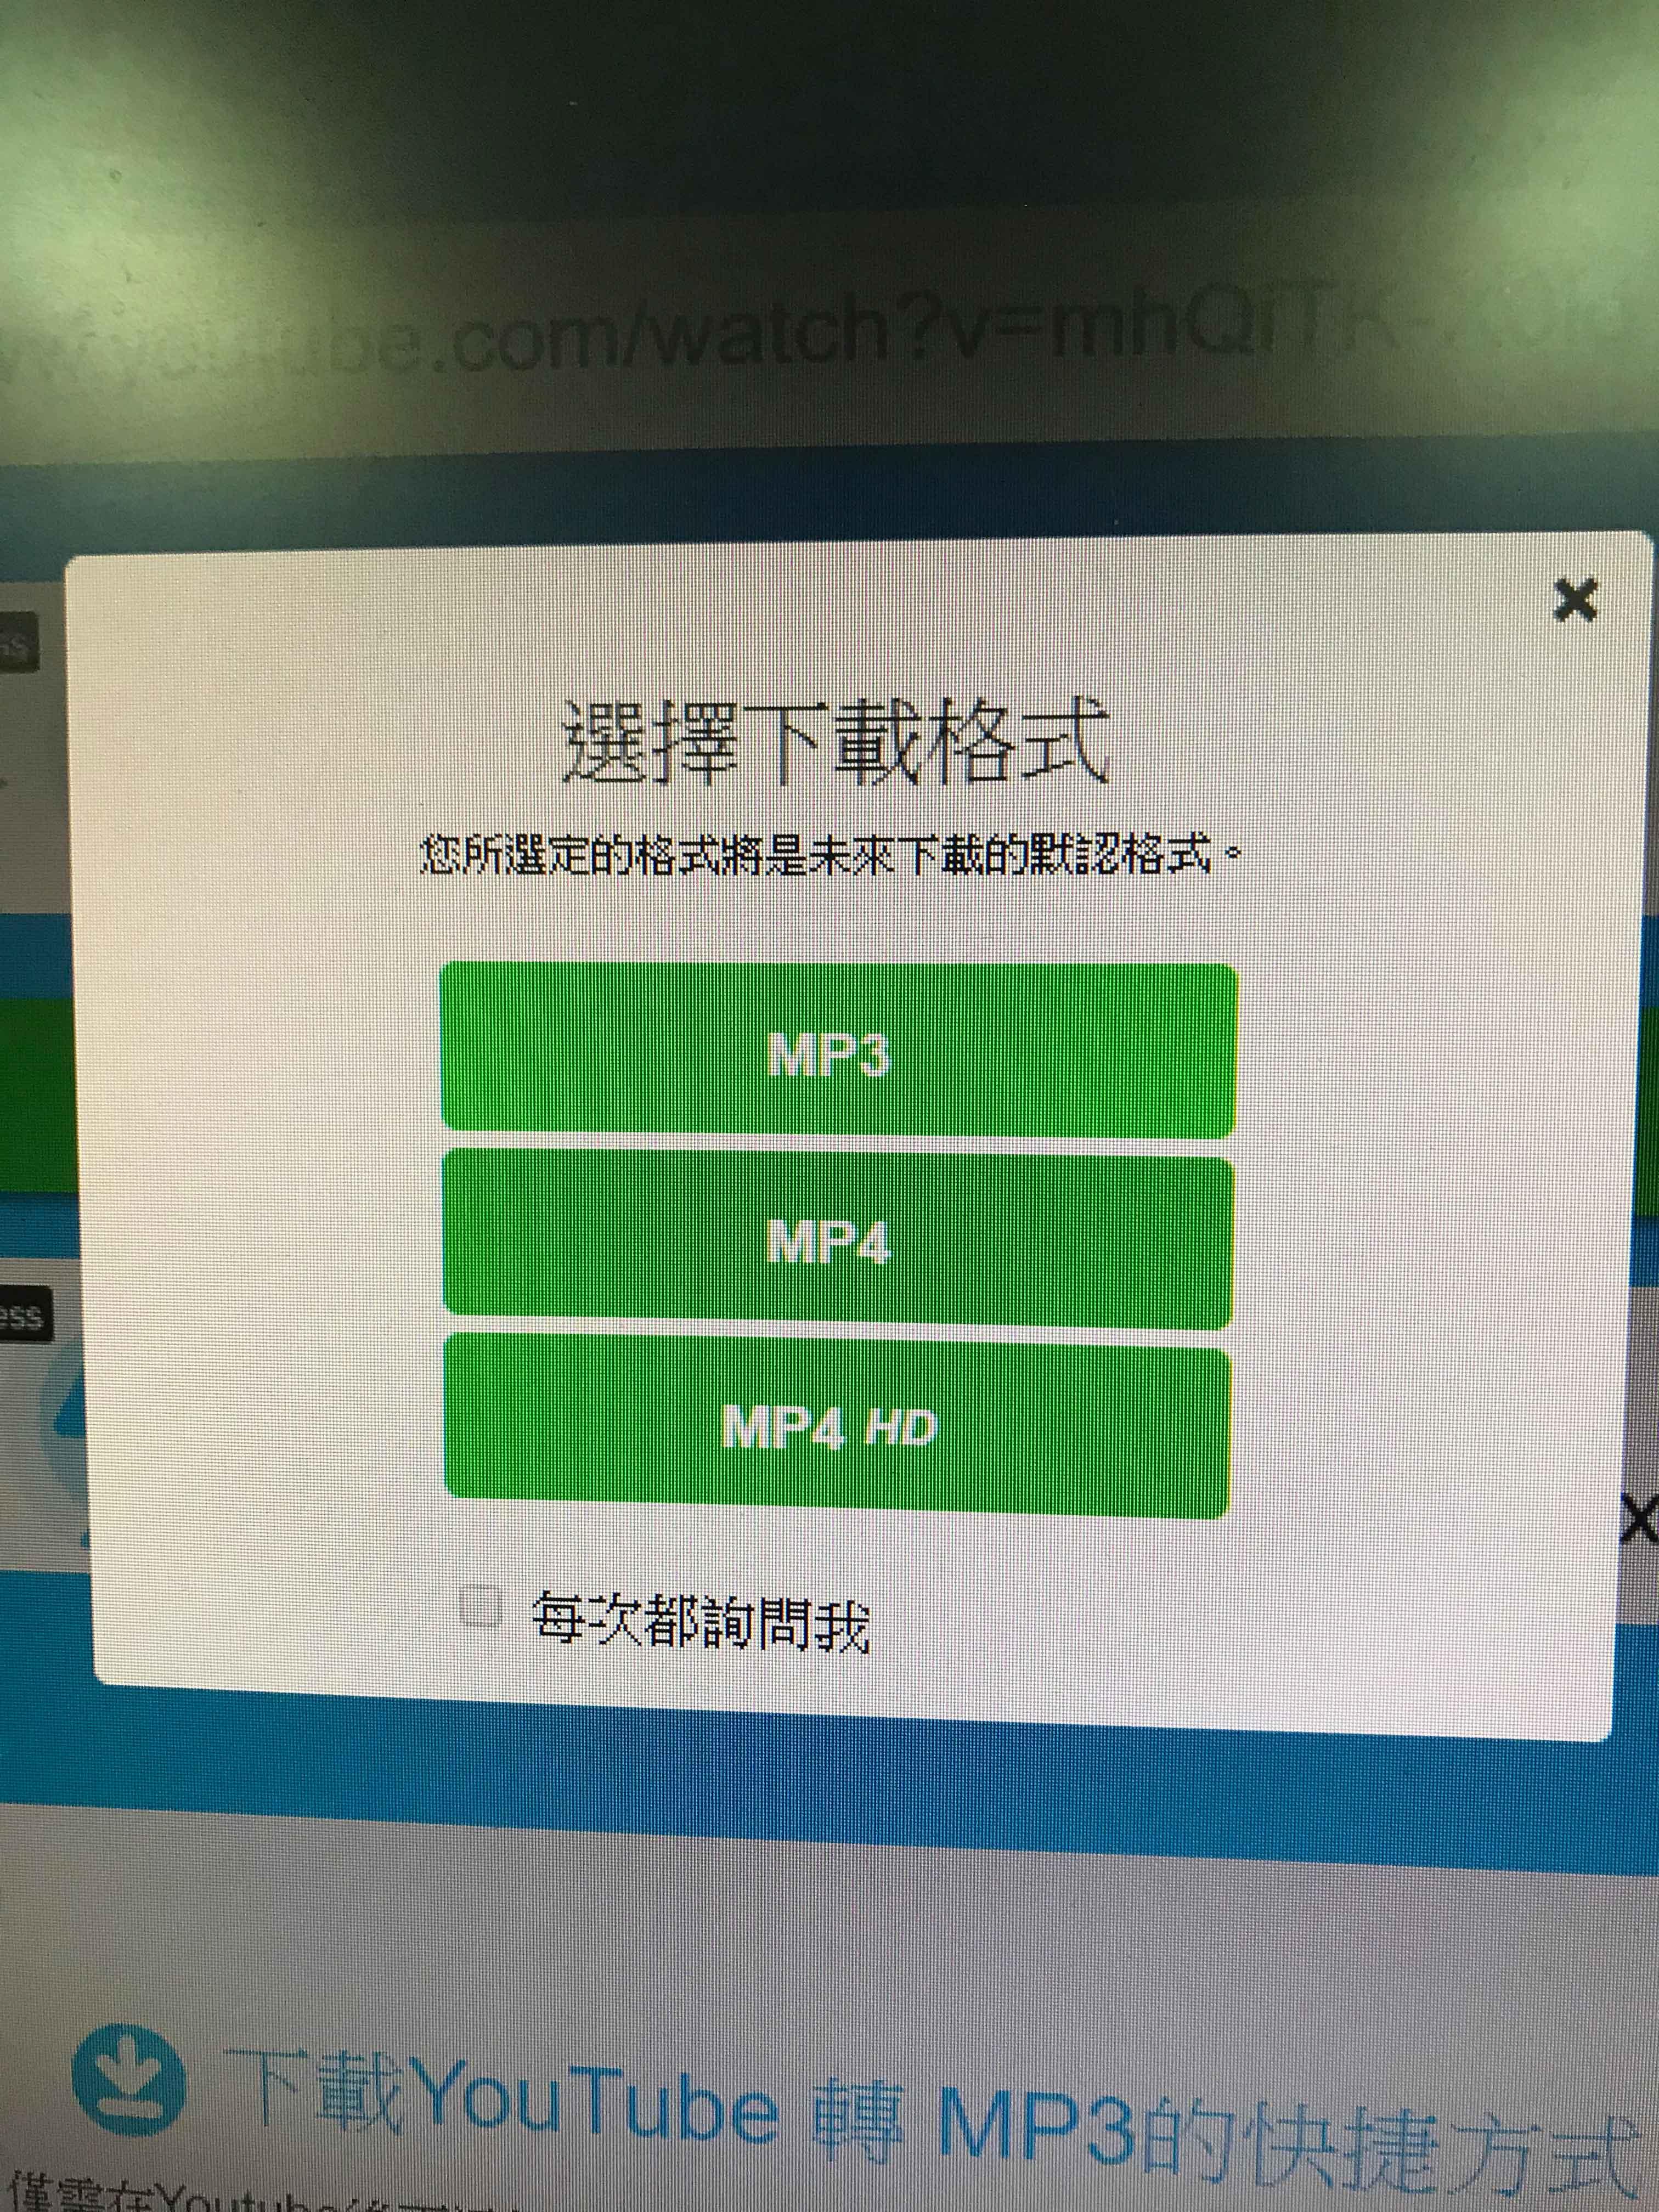 第一次使用才會出現的詢問畫面,此步驟請明眼者協助點選「MP3」,以後再操作時就會以此次選擇的格式進行轉檔並下載。